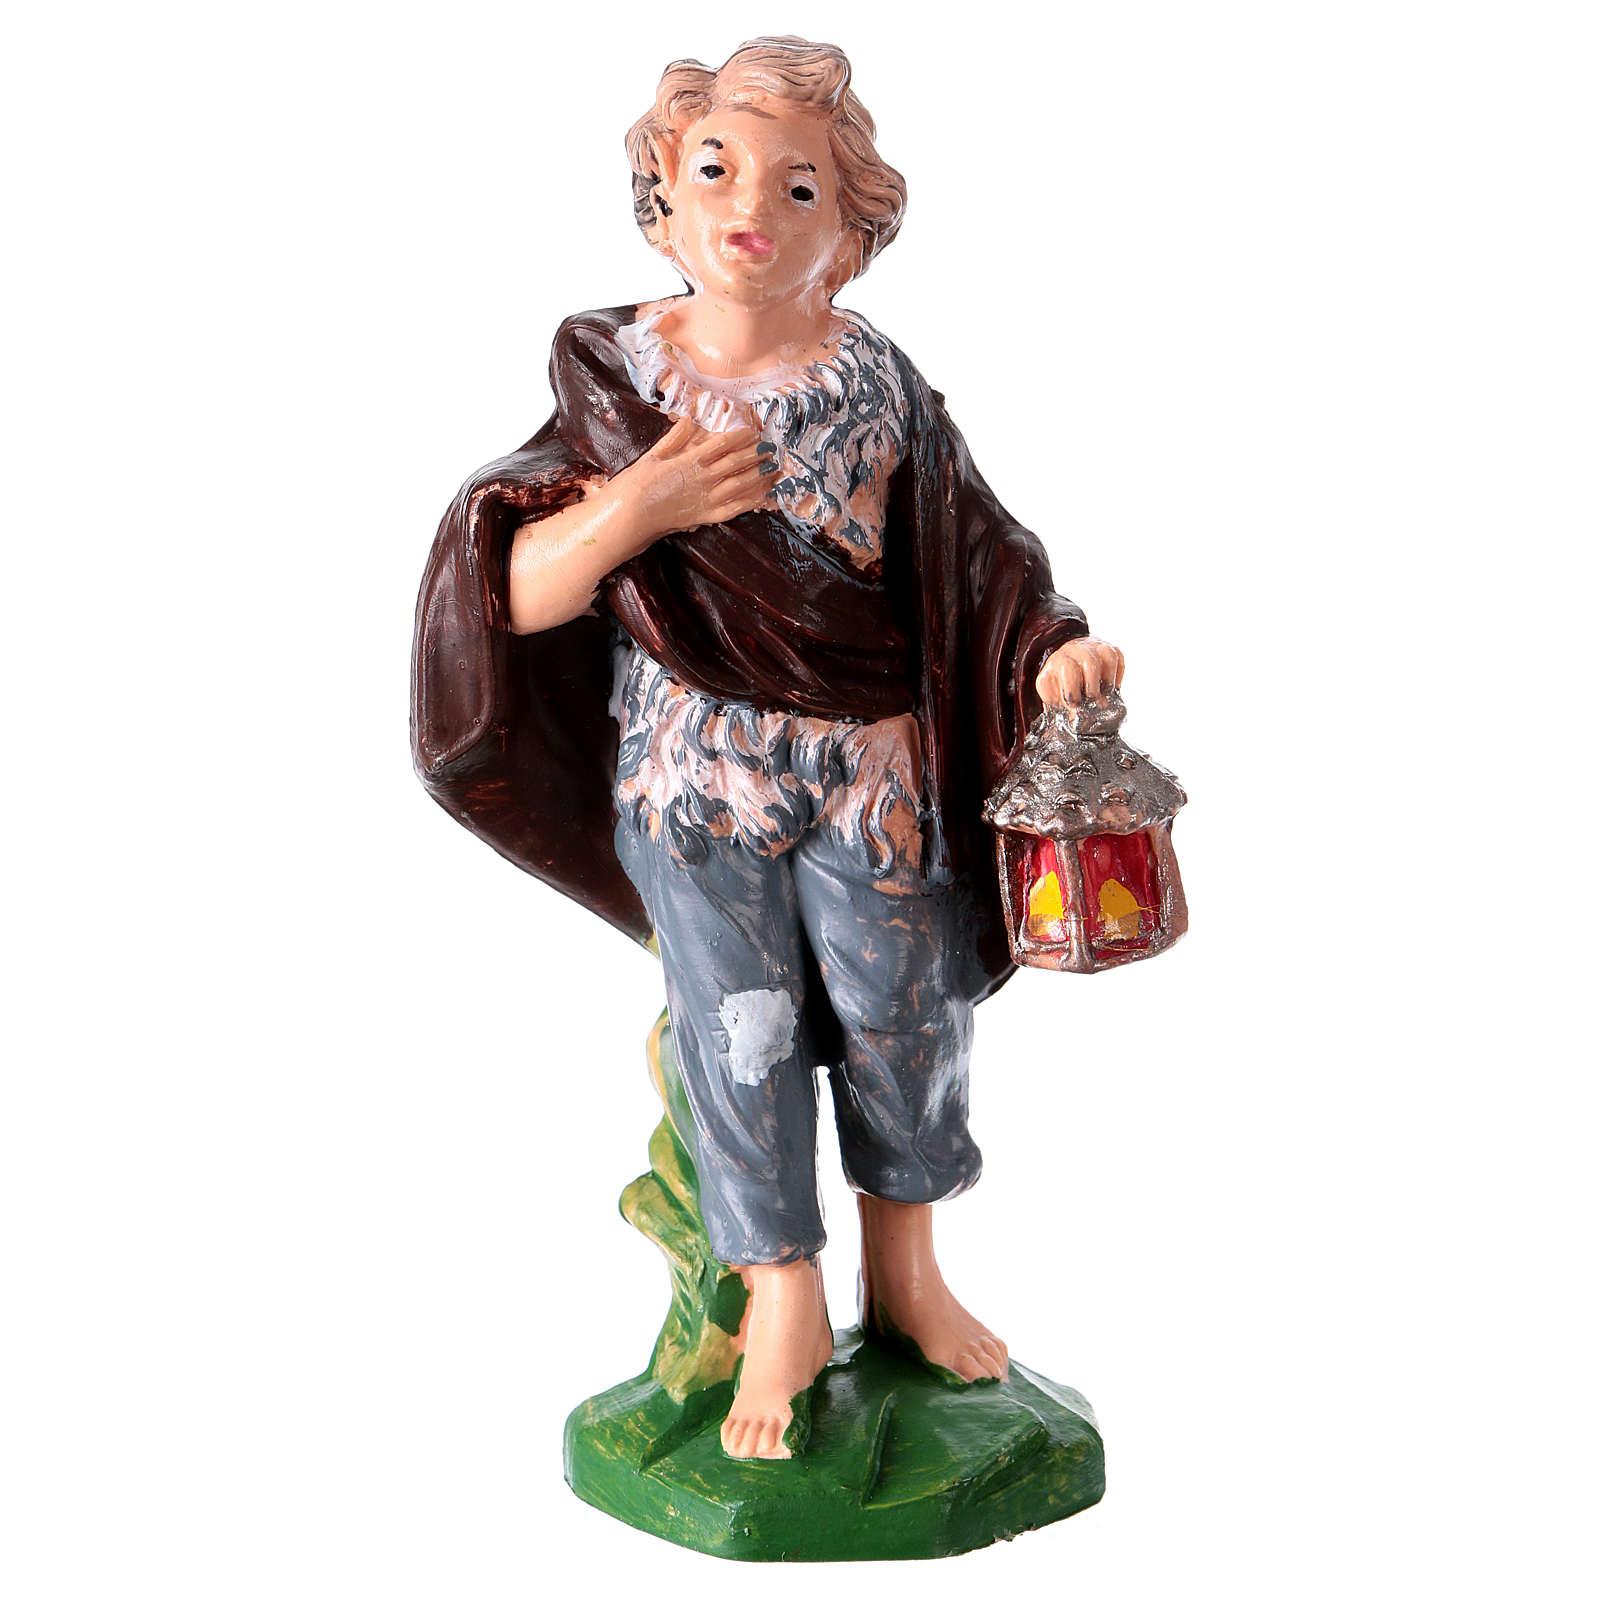 Statua ragazzo con lanterna 10 cm per presepe 3